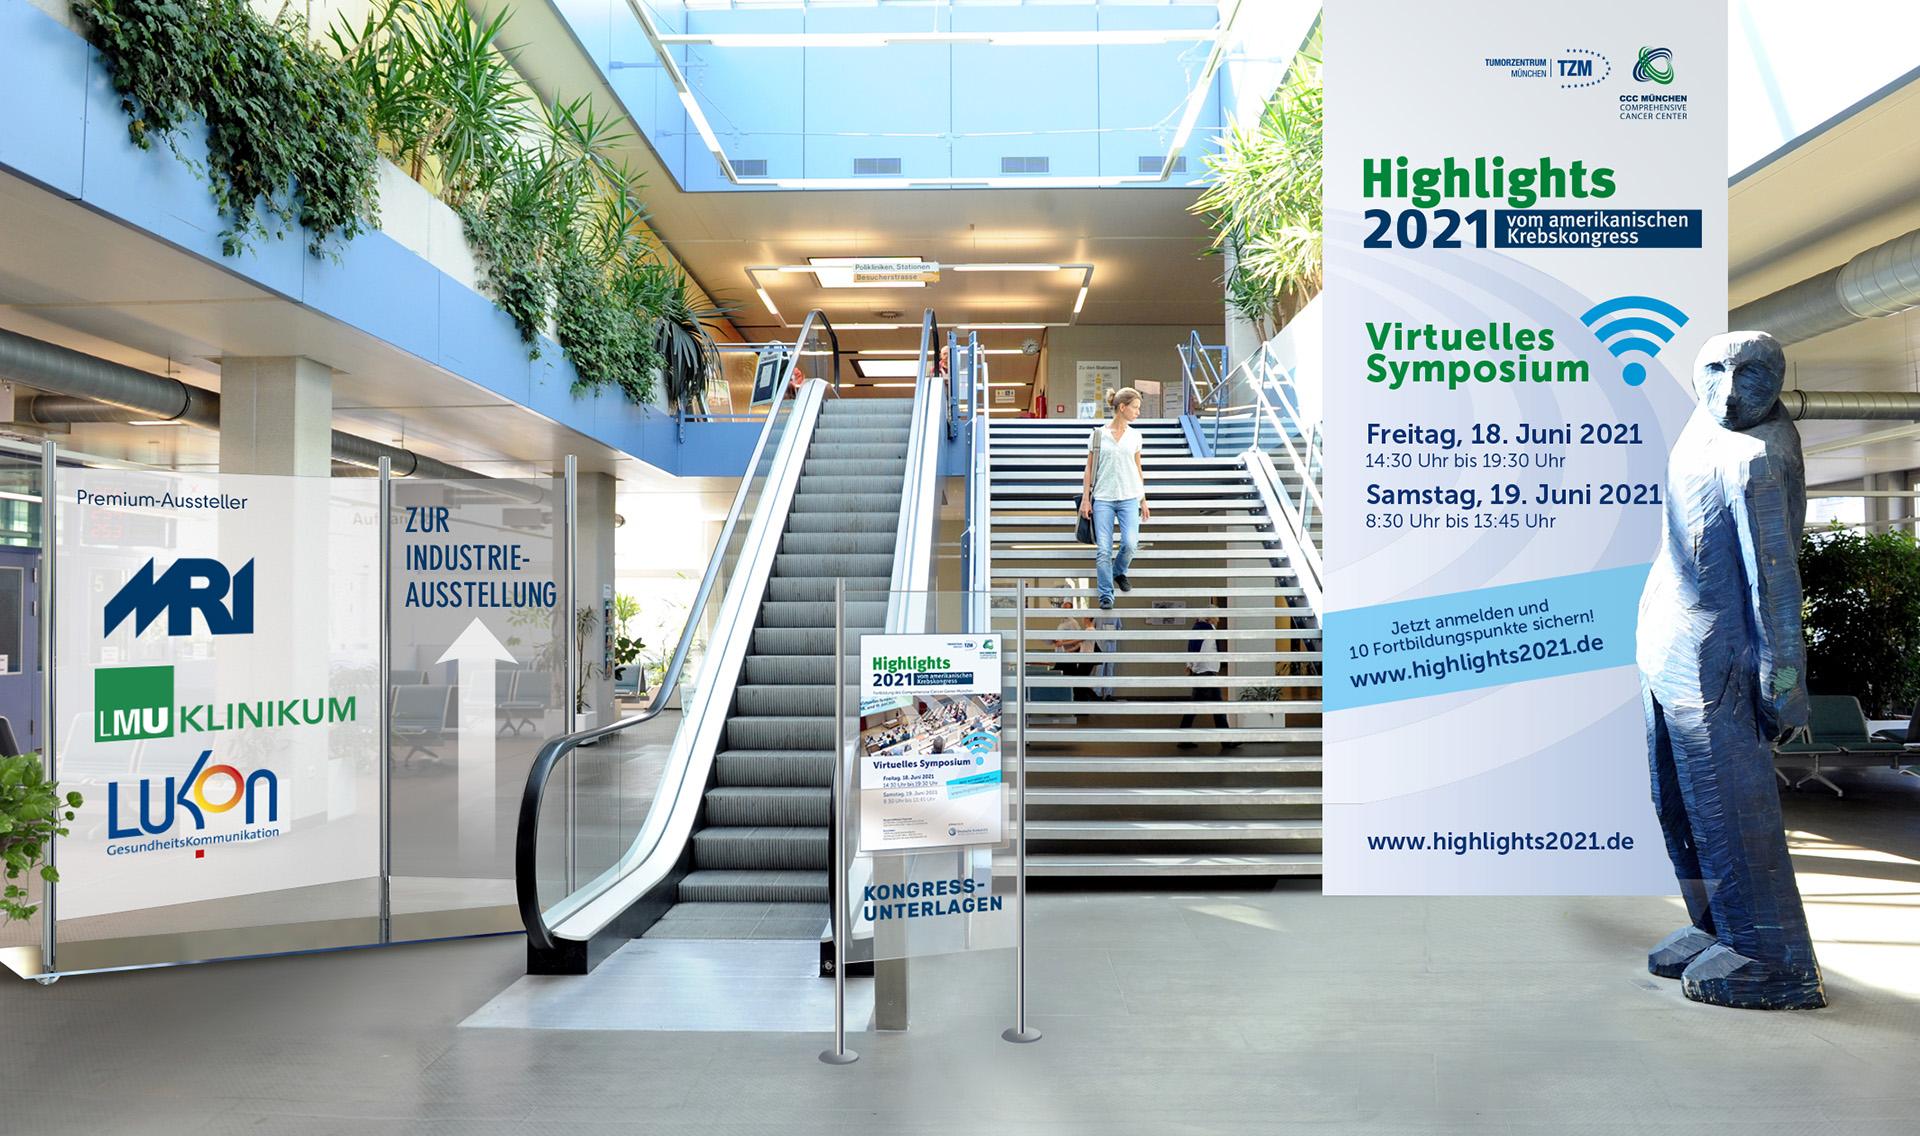 Titelbild für die Weiterbildung mit den Highlights vom amerikanischen Krebskongress 2021 des CCCs München